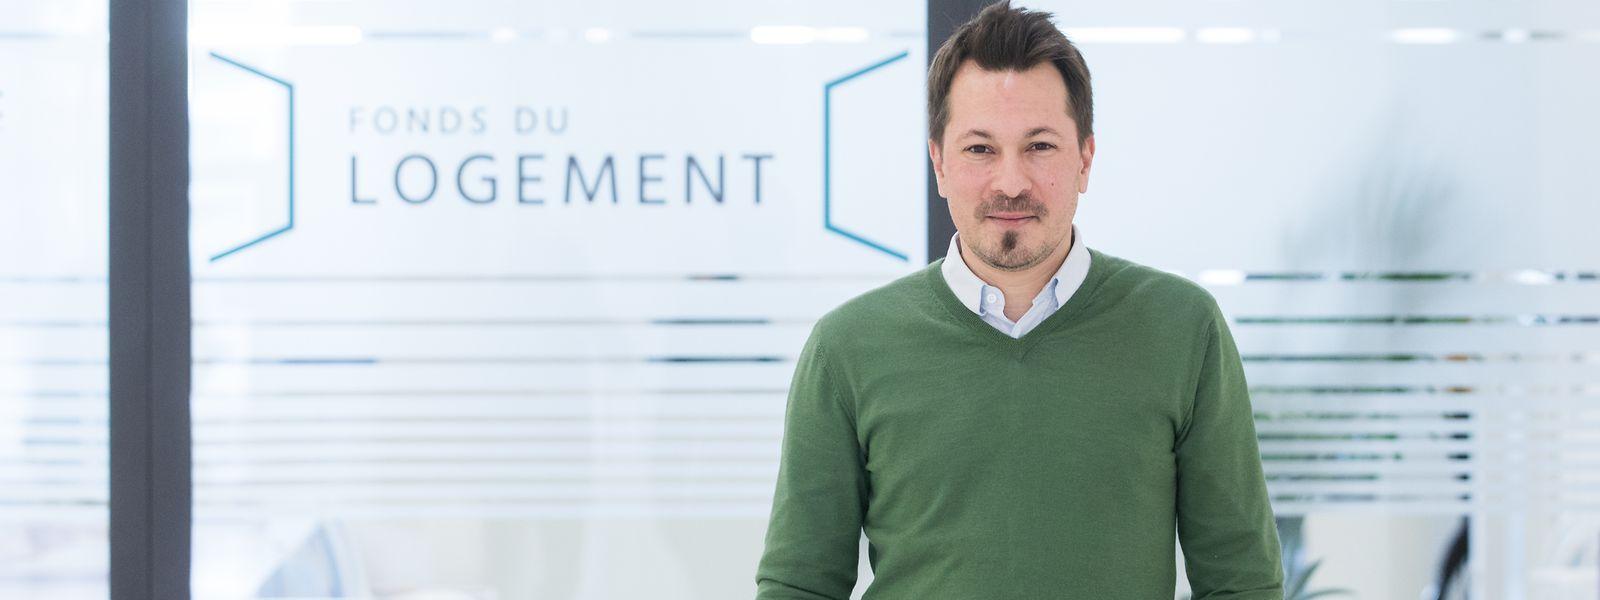 Fonds-Direktor Jacques Vandivinit will den öffentlichen Bauträger weiter modernisieren, damit er noch effizienter wird.